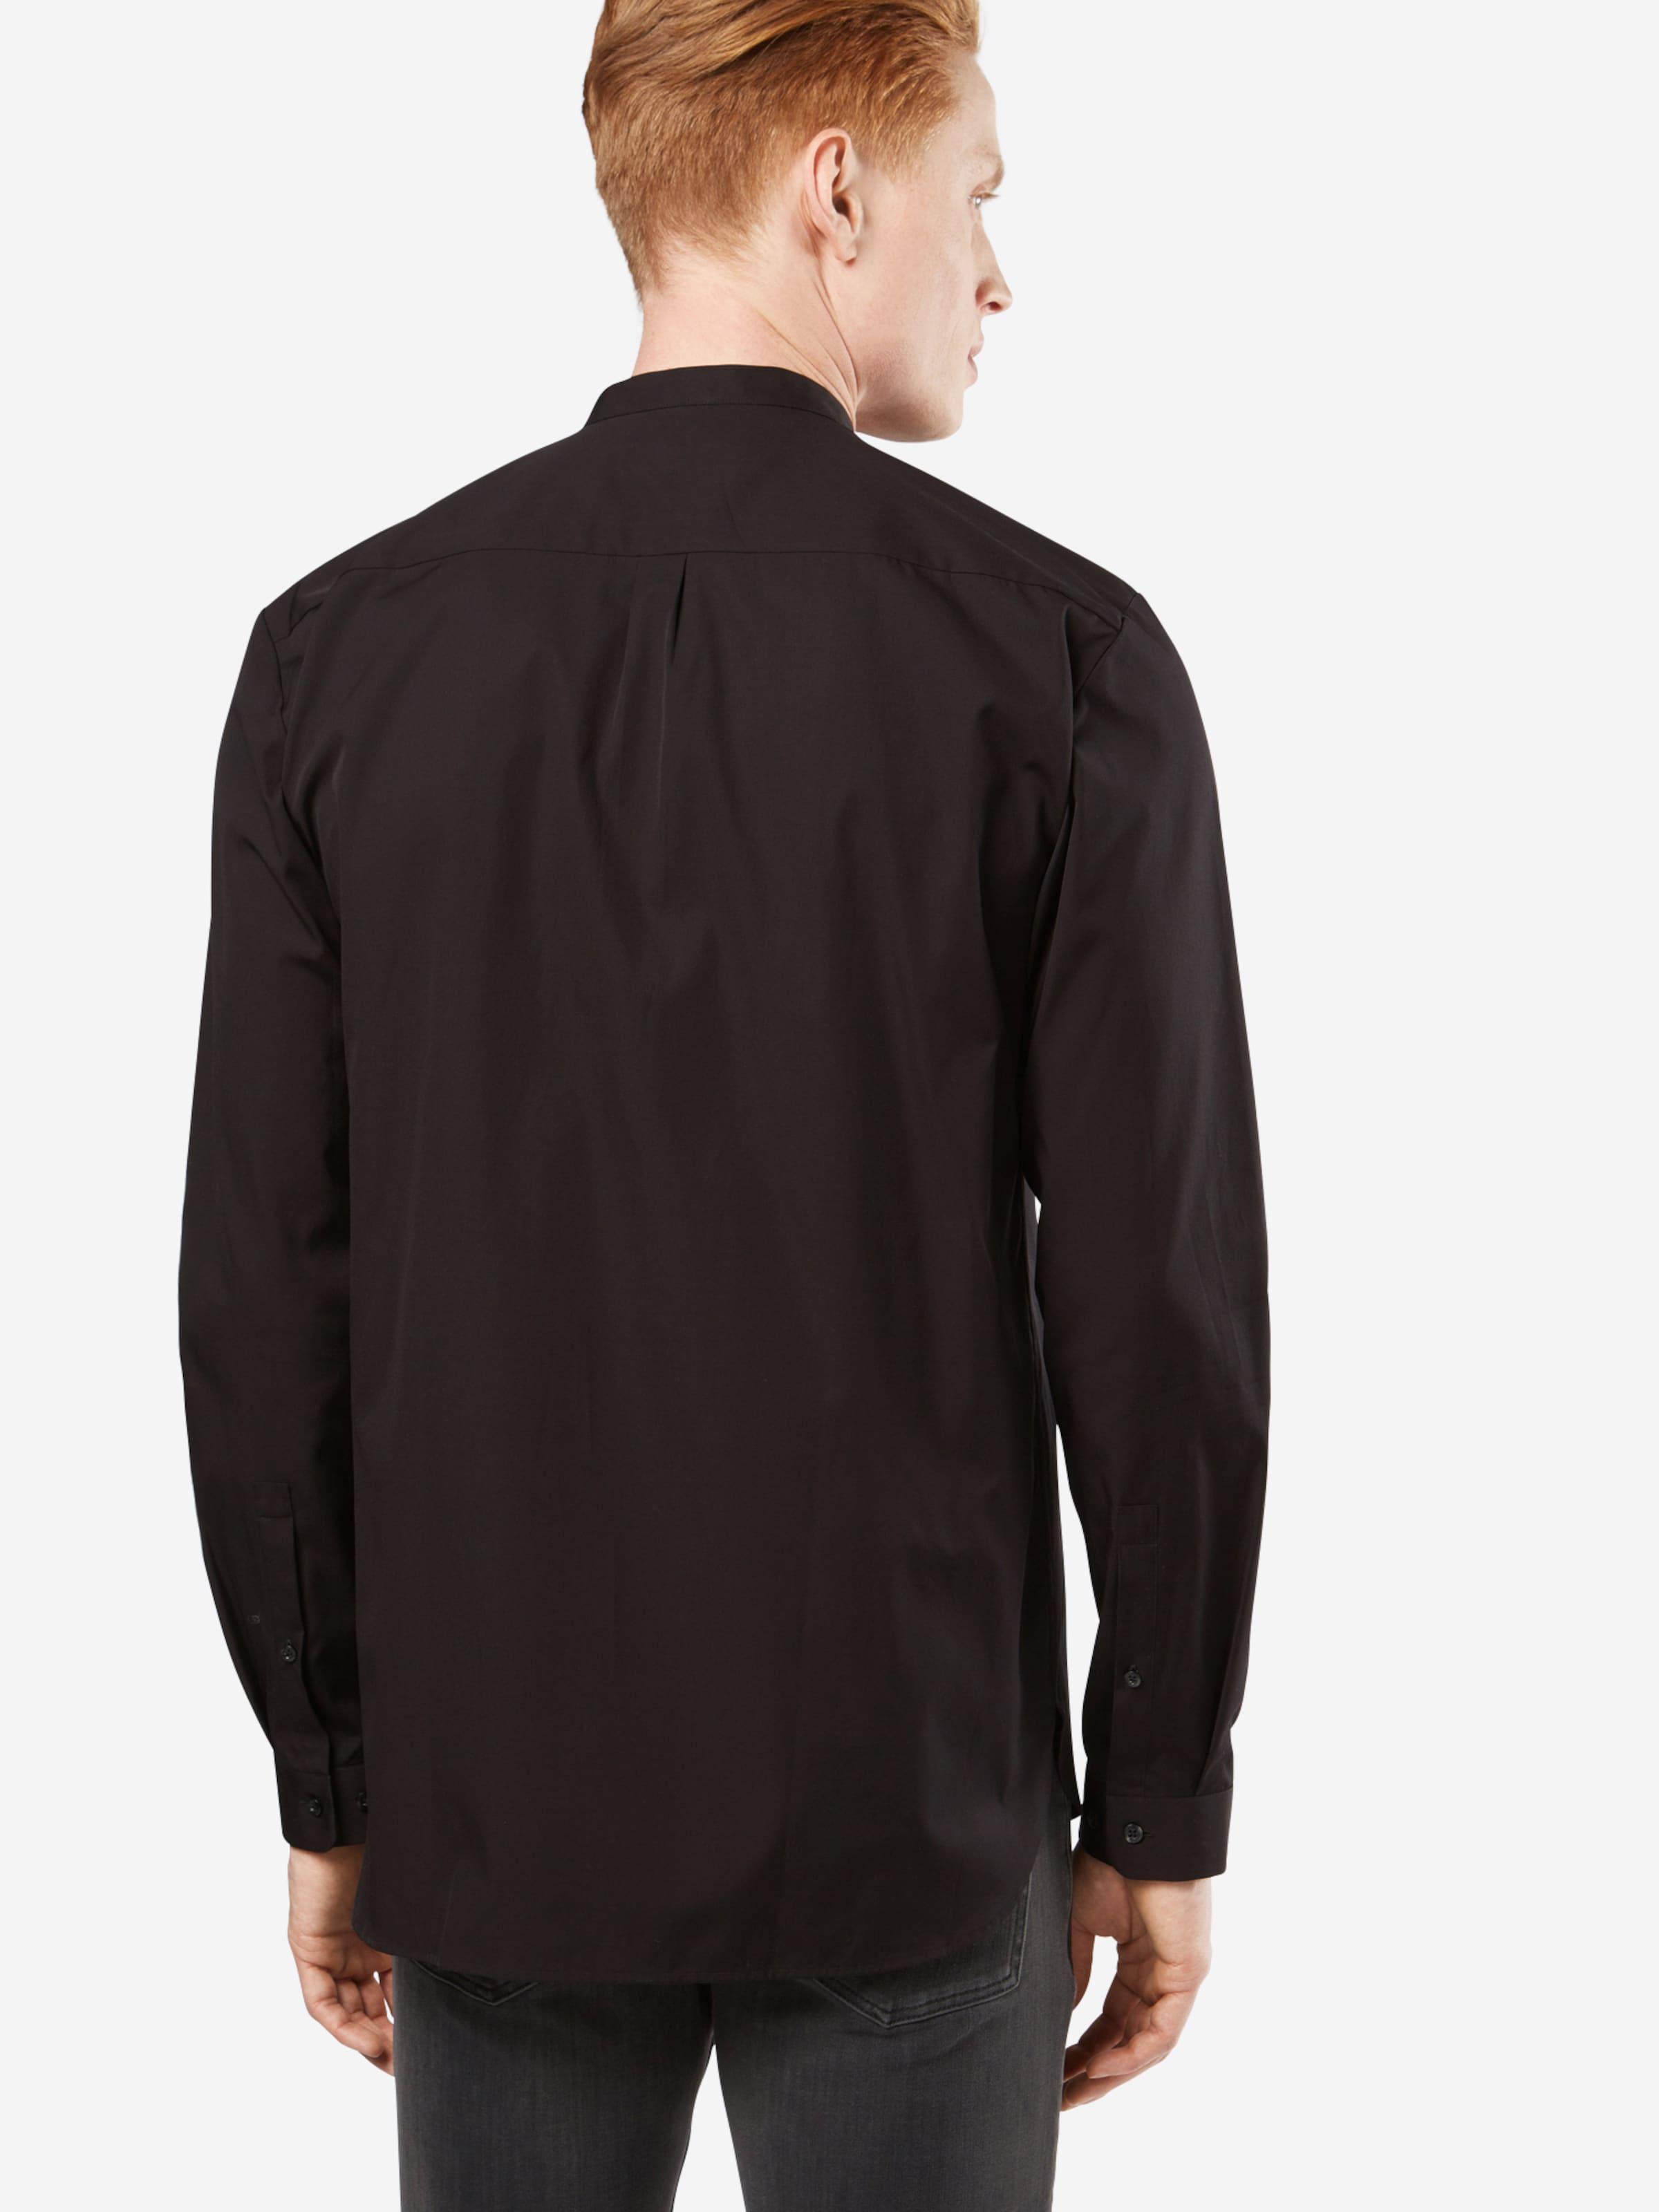 Spielraum Online Amazon HUGO Hemd 'Eddison' Vorbestellung Günstiger Preis Neue Stile FeqoHn